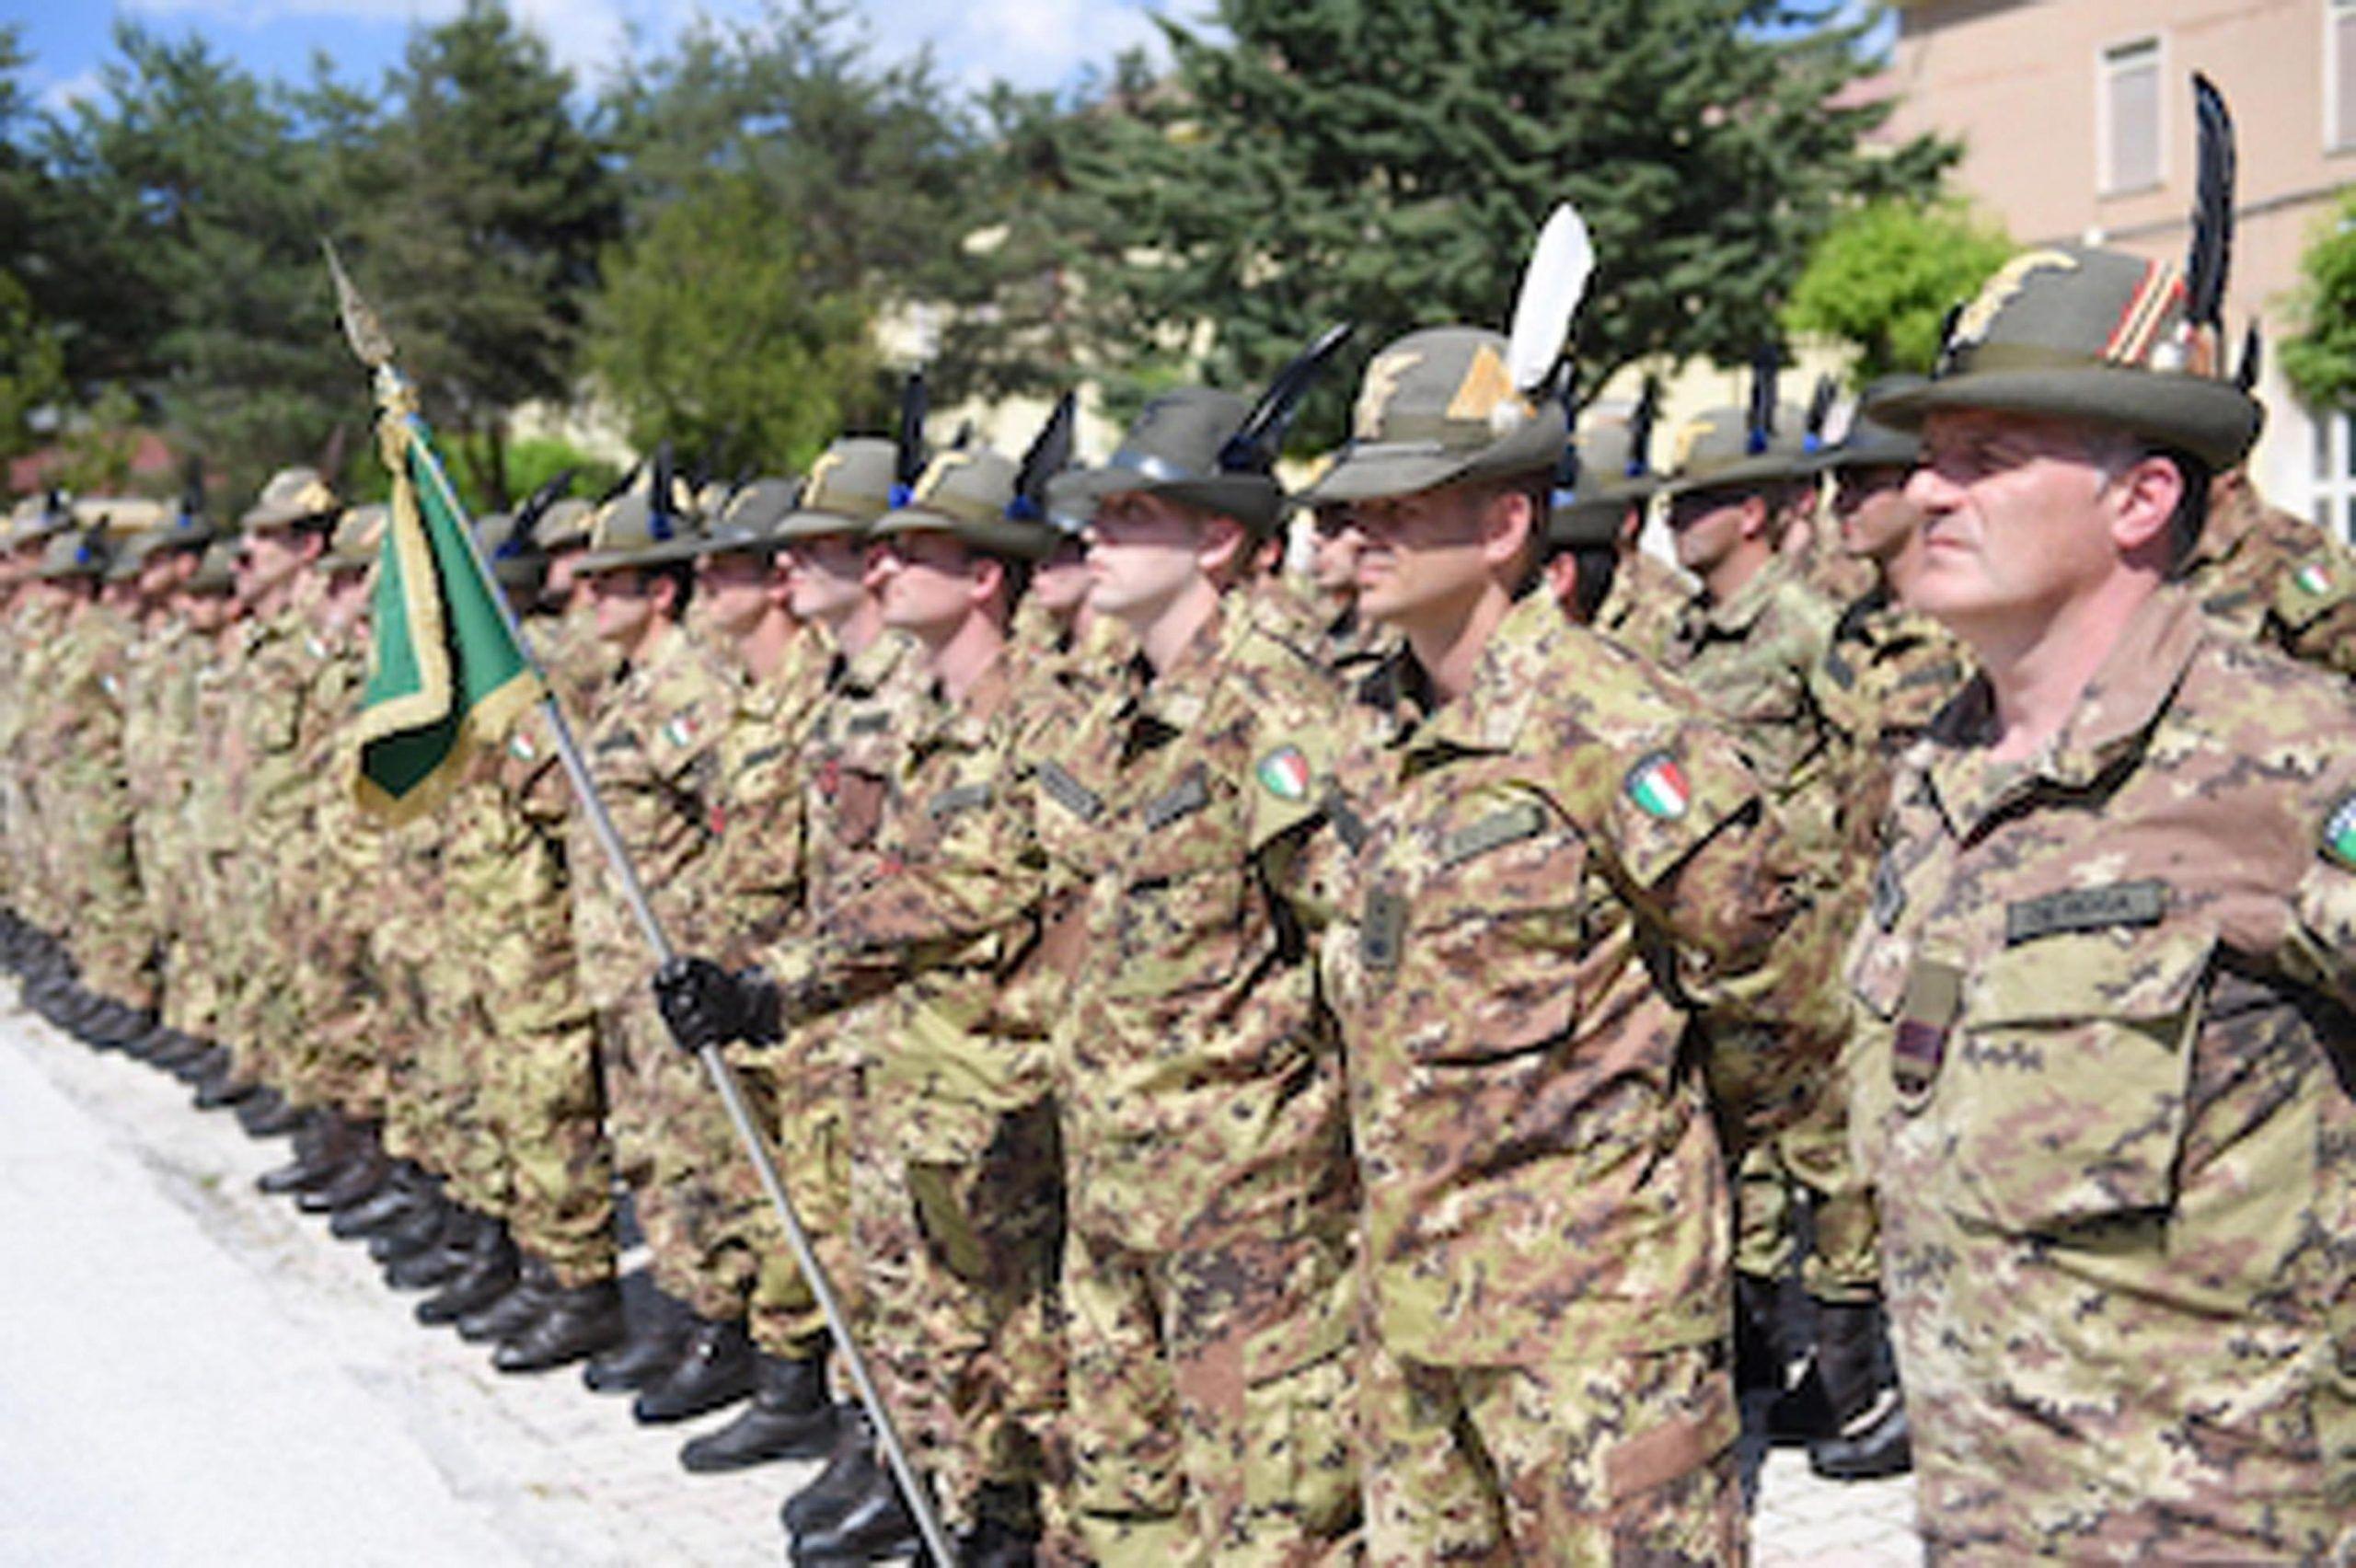 Leva militare volontaria di 6 mesi in cambio di crediti formativi universitari la proposta di Forza Italia